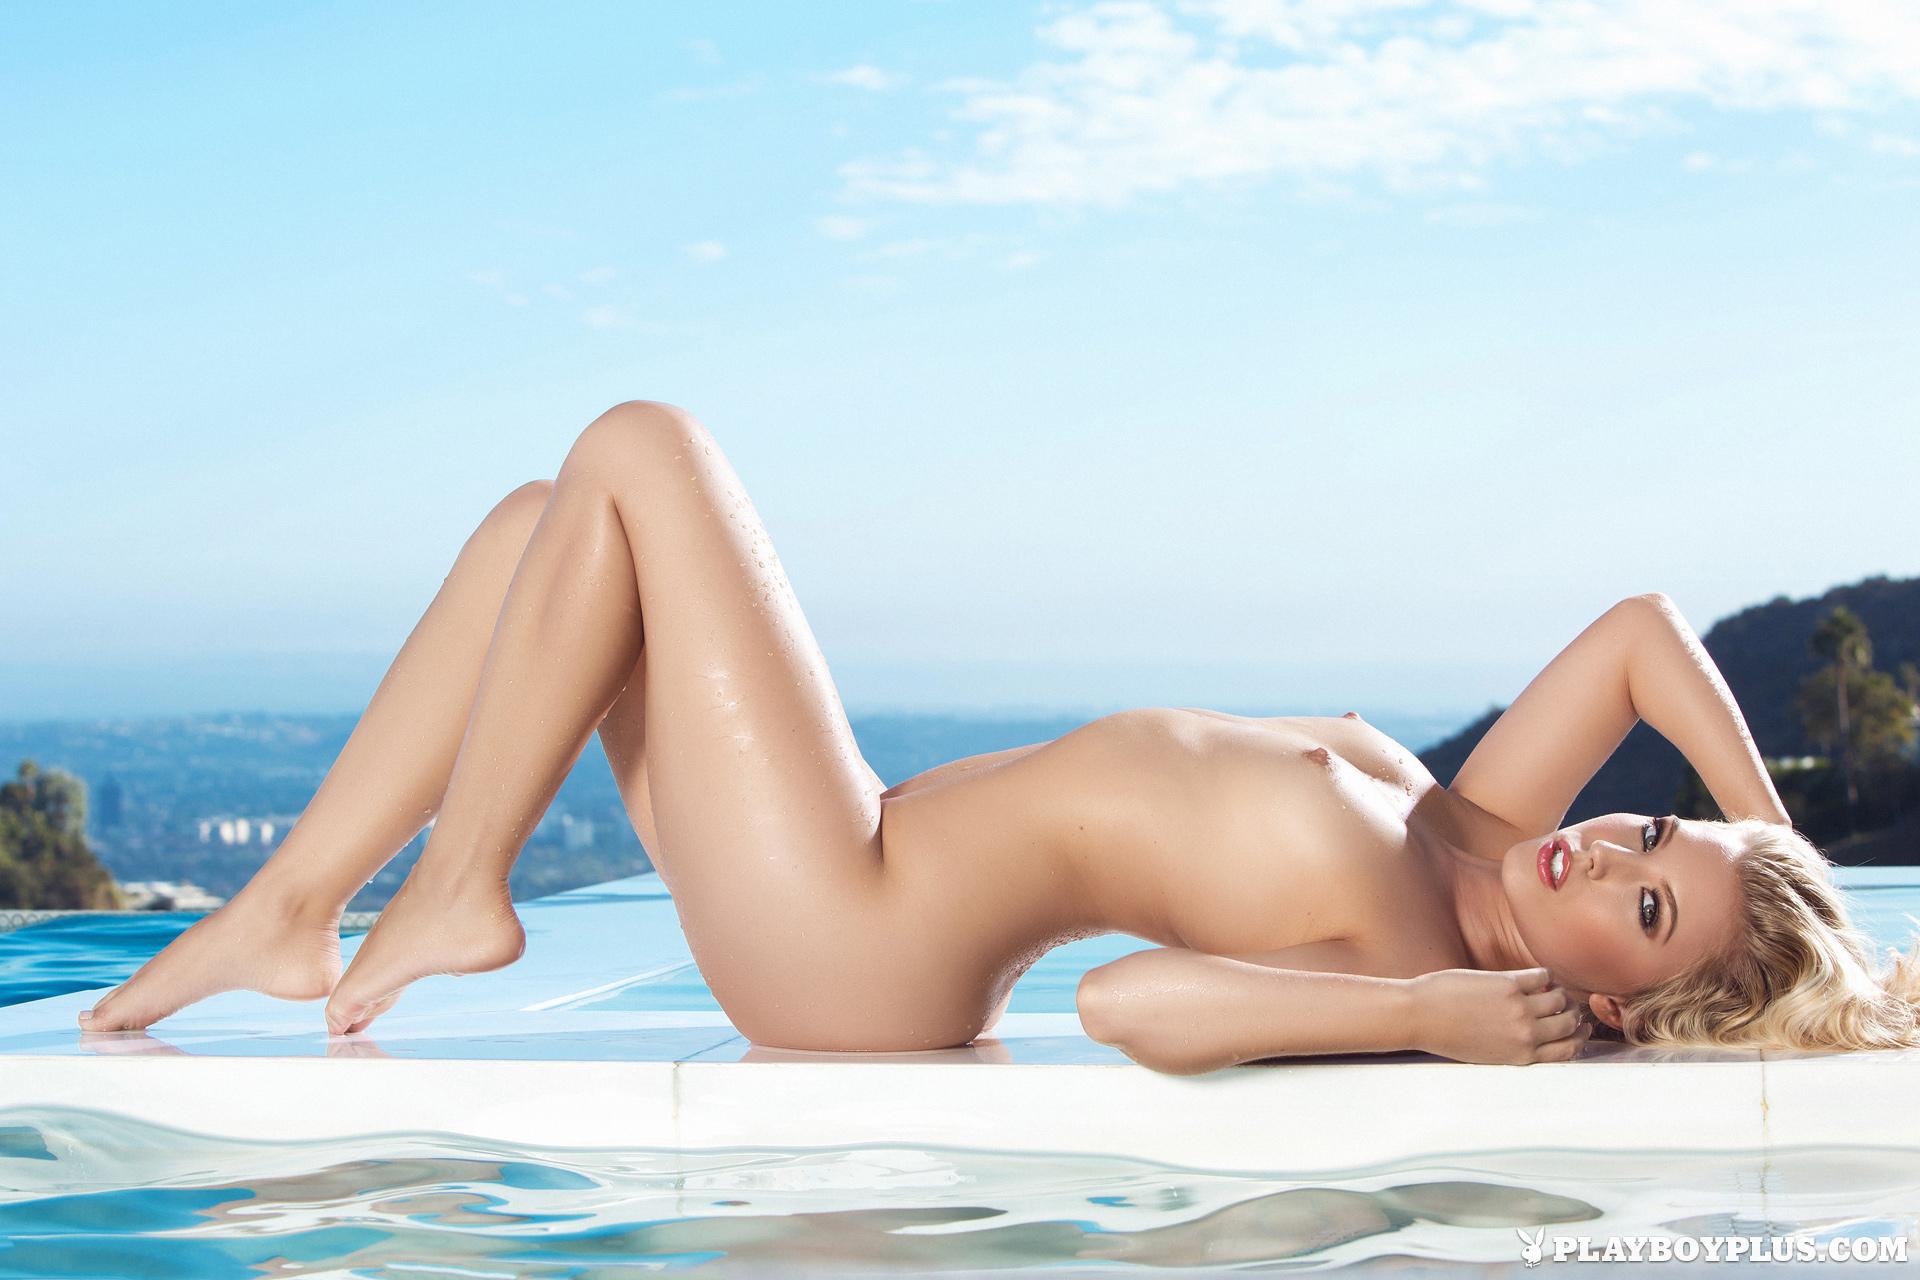 chanel-elle-nude-pool-bikini-playboy-21